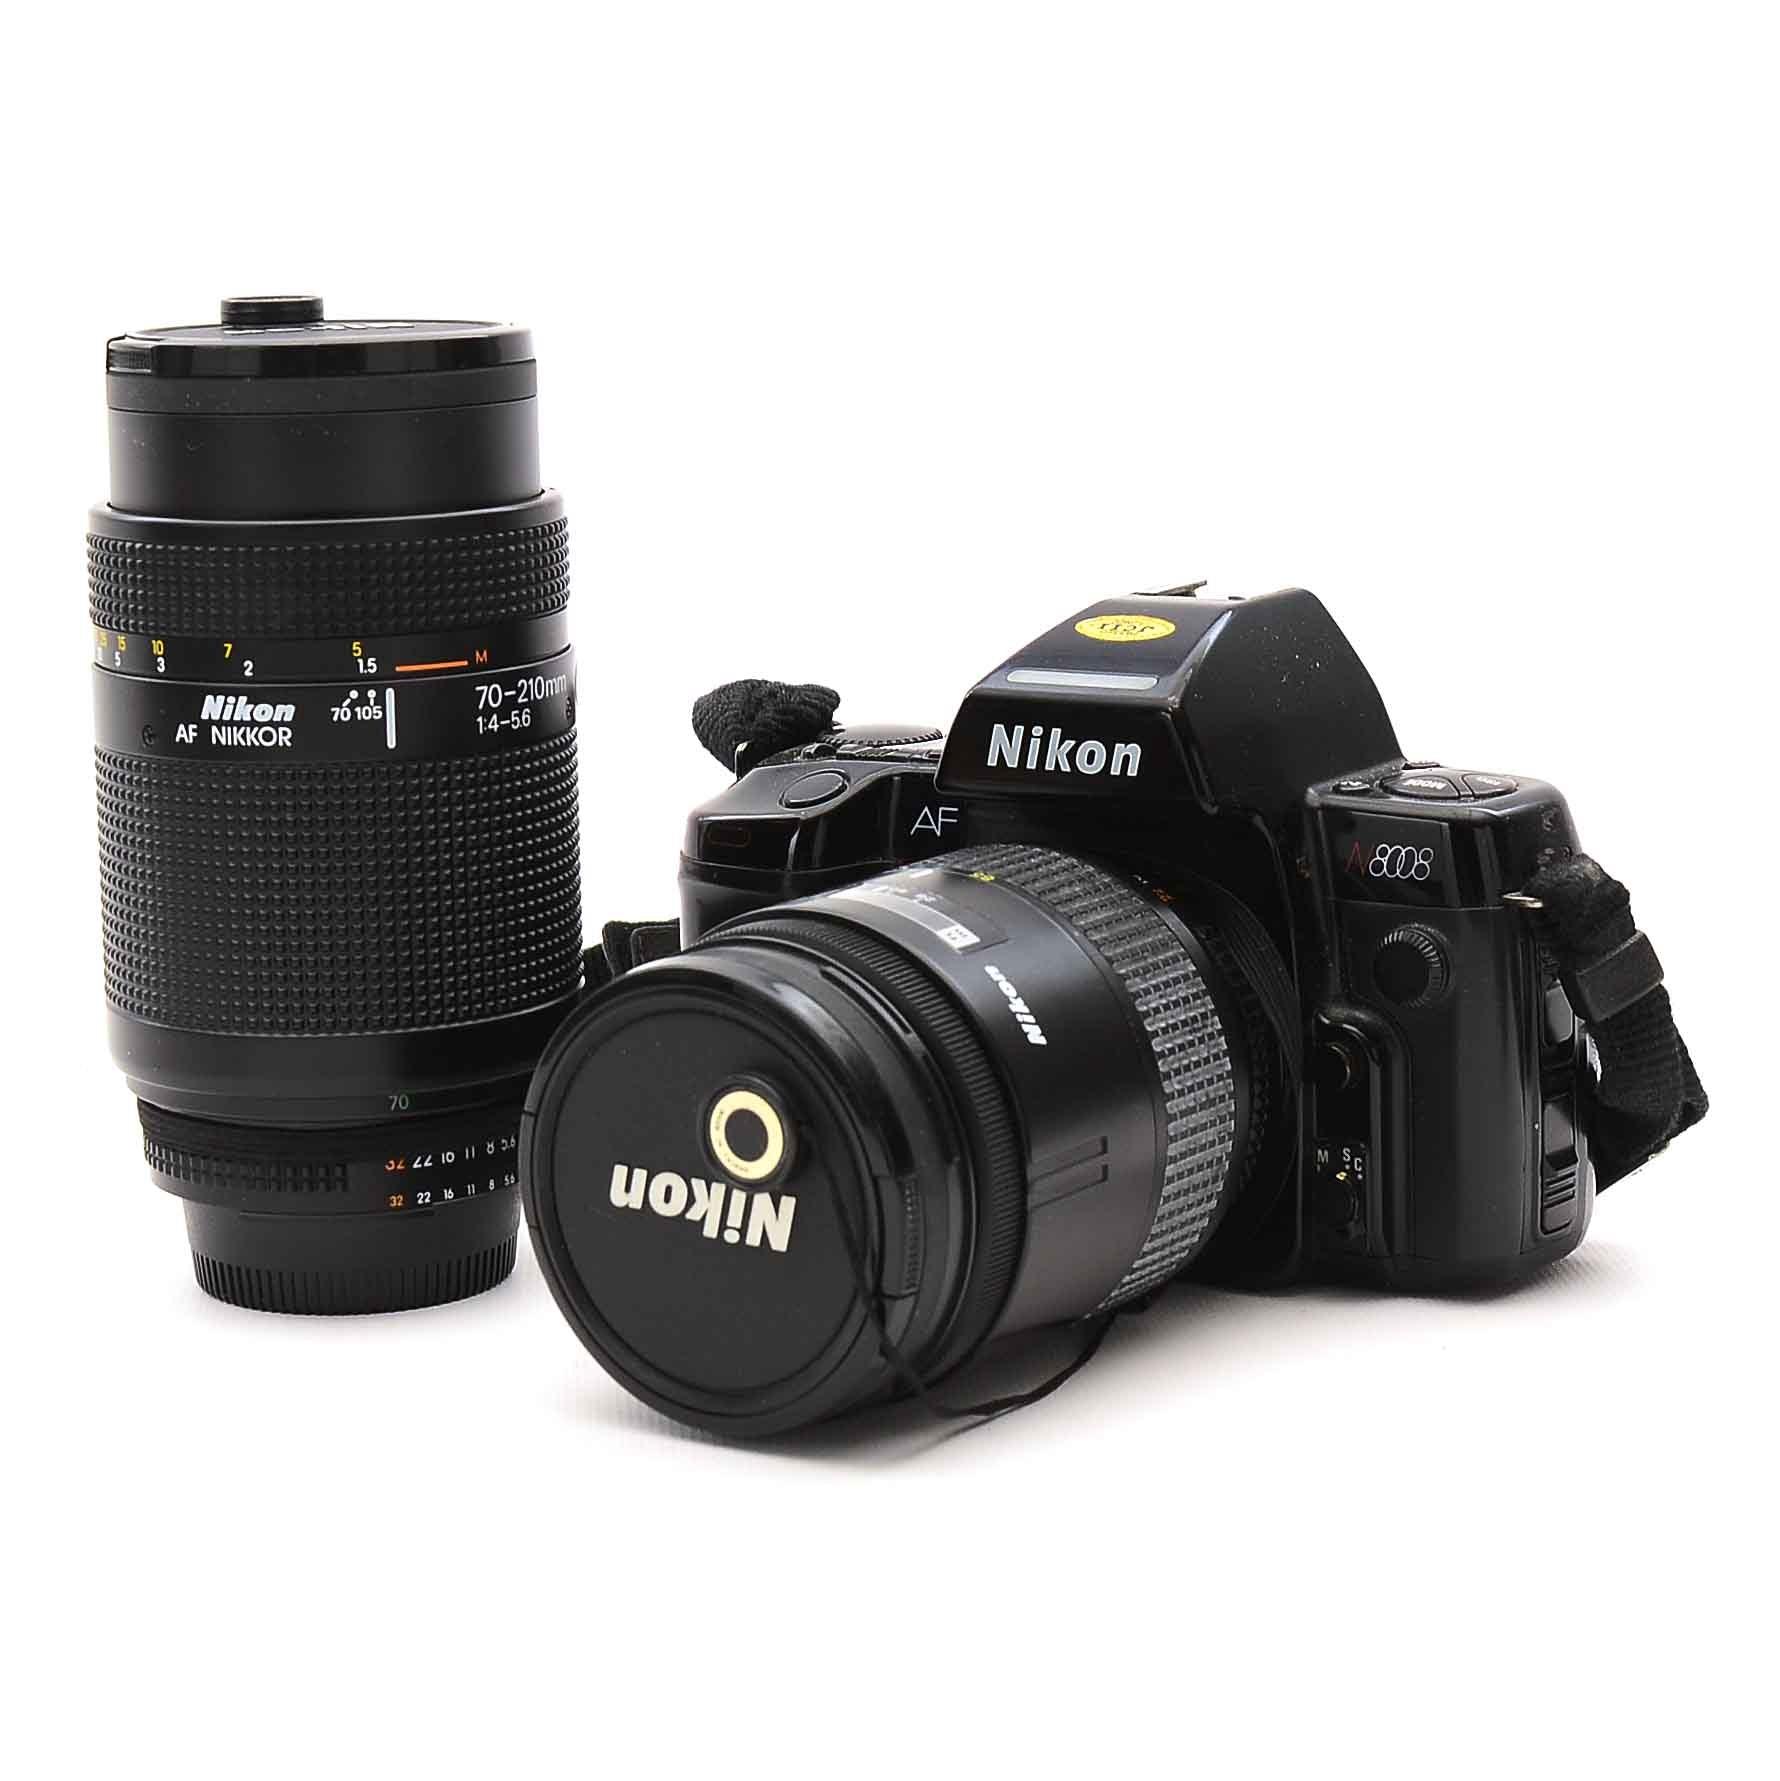 Nikon N8808 Camera and Nikon 70-210 MM Lens